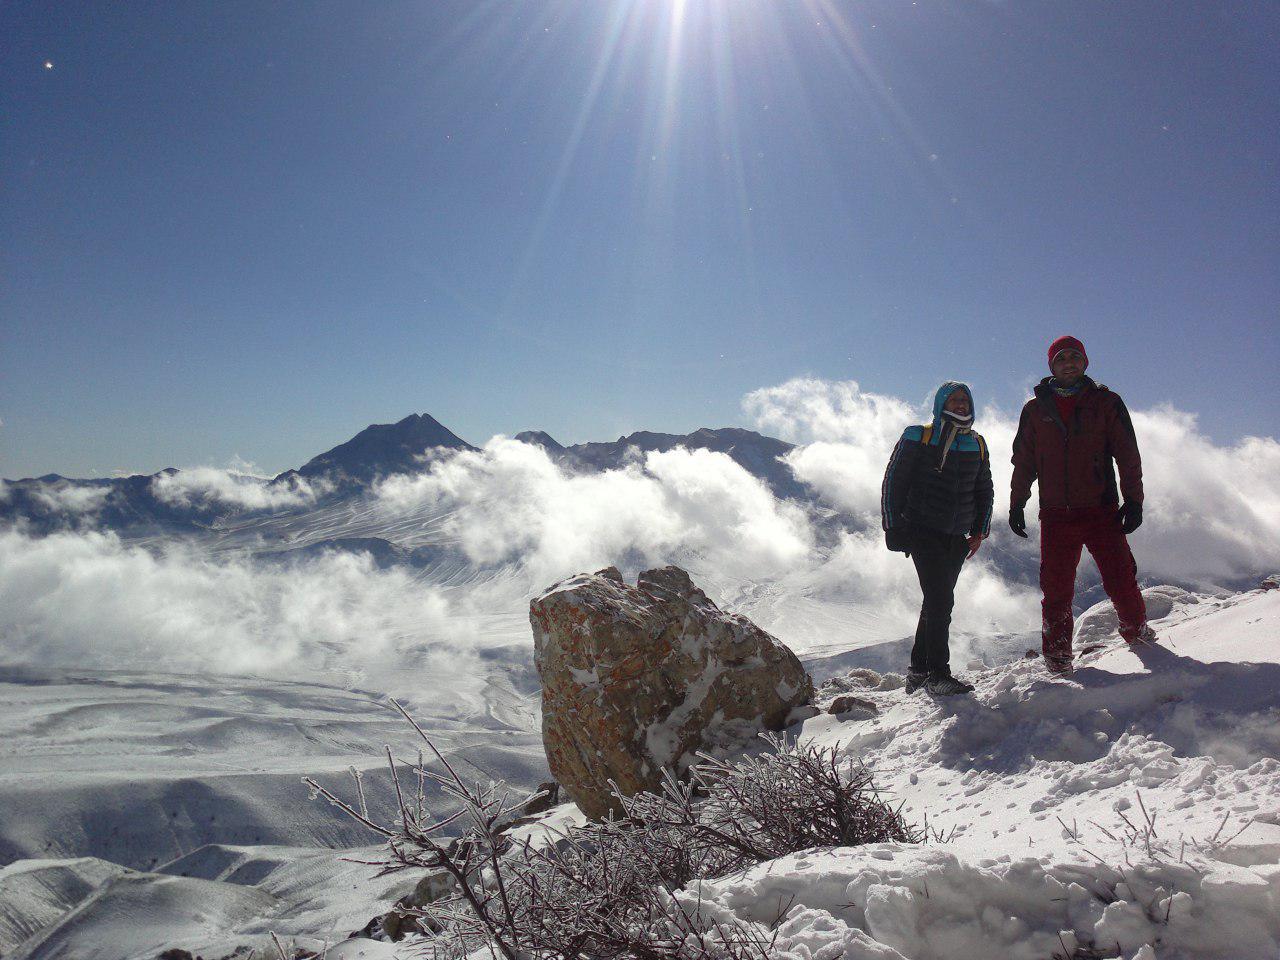 قله شاهدار کوه از قله بادله کوه دامغان